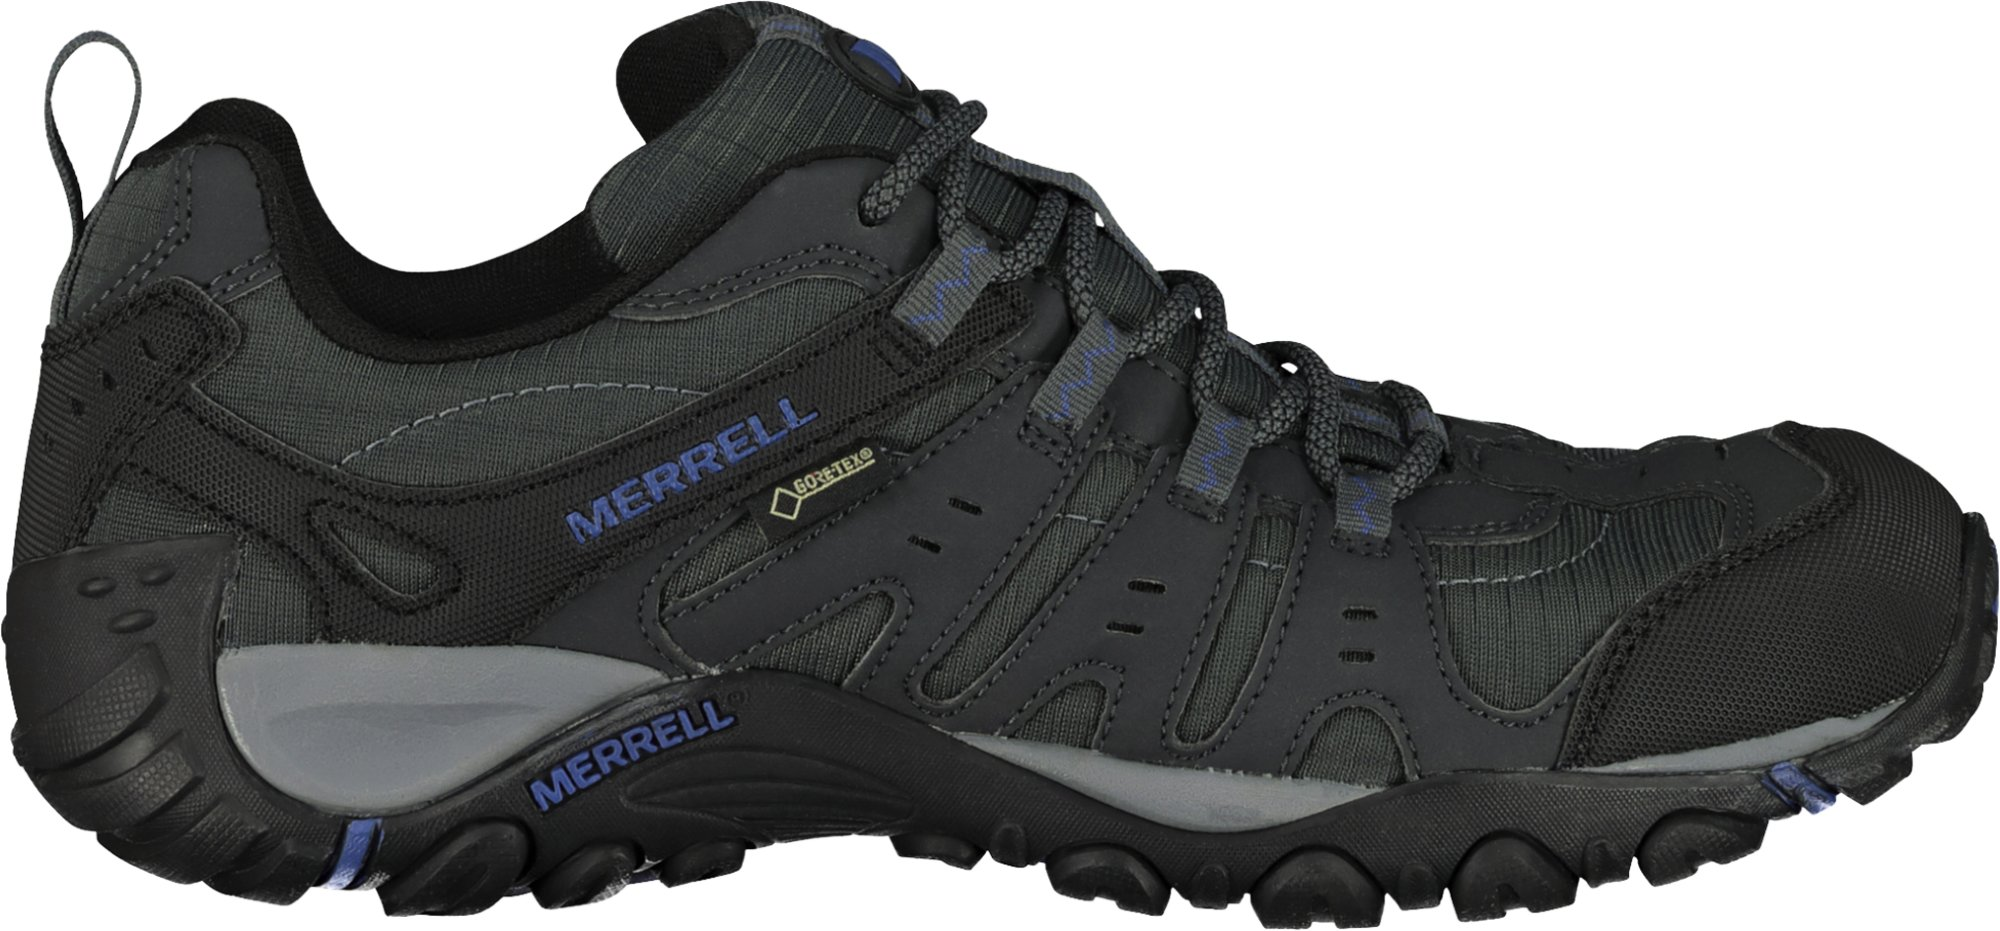 Merrell Accentor sport GTX, hikingsko herre Svart Tursko